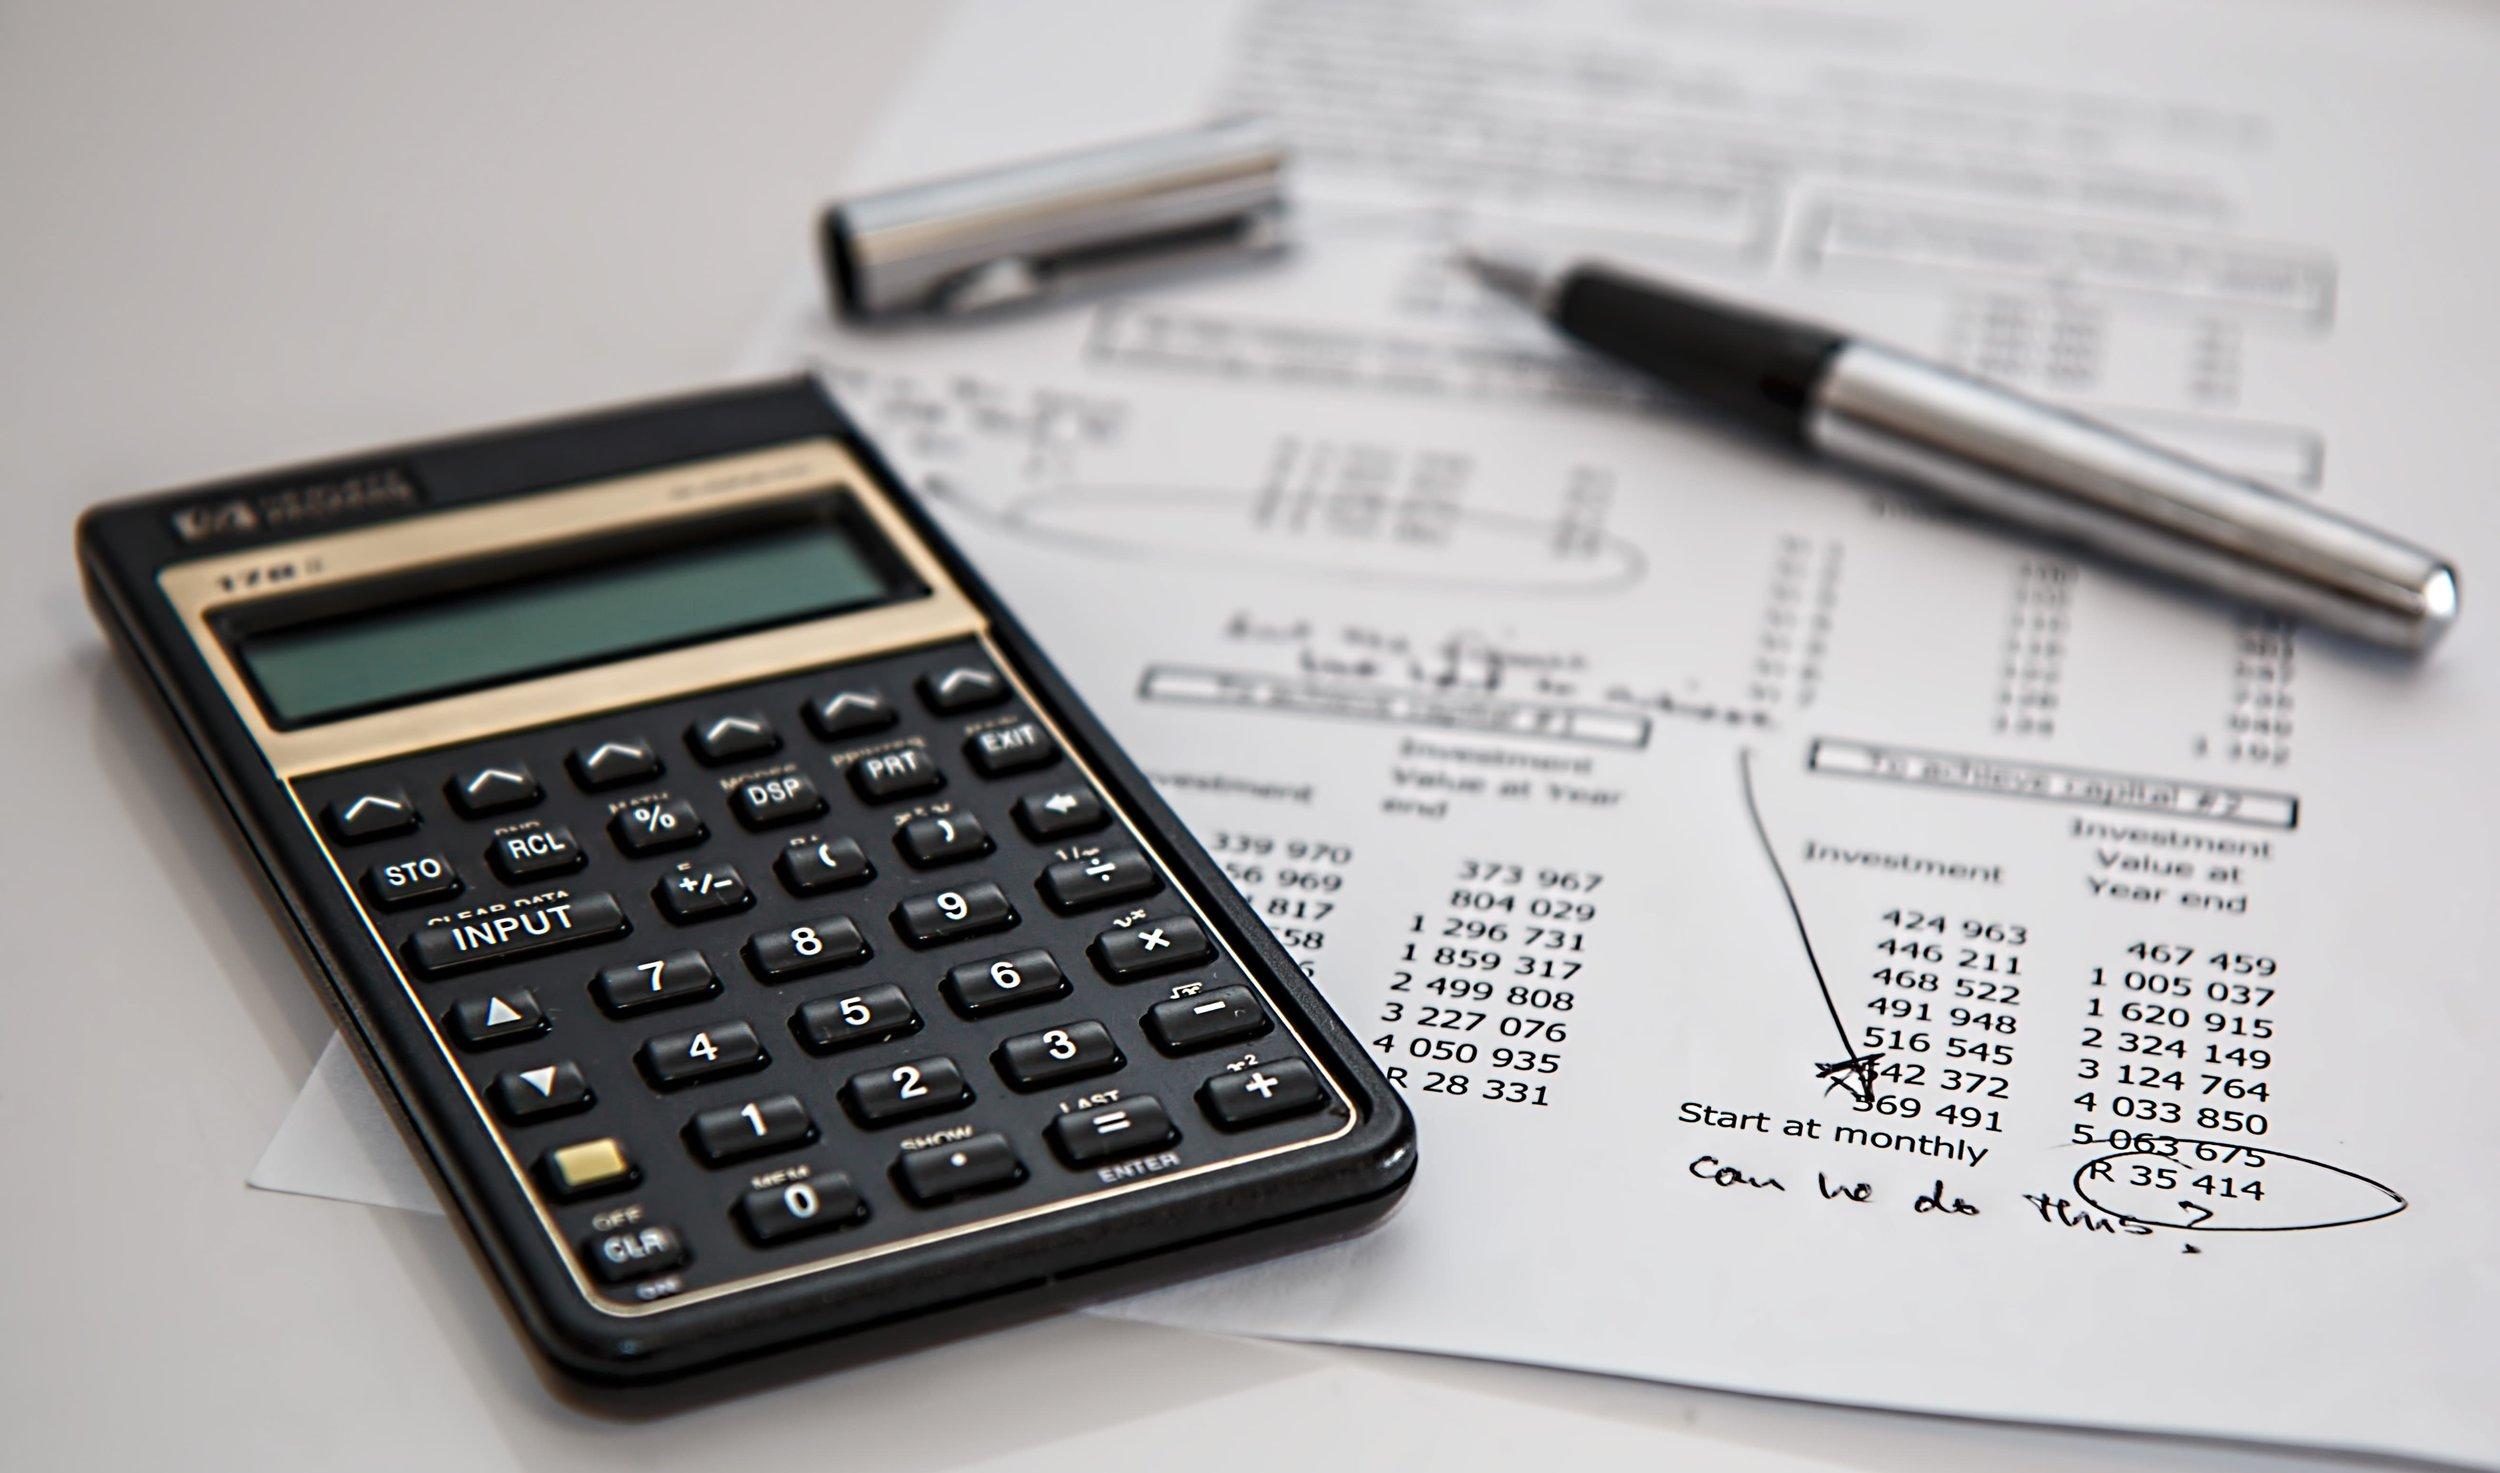 2 calculator-calculation-insurance-finance-53621-min.jpeg